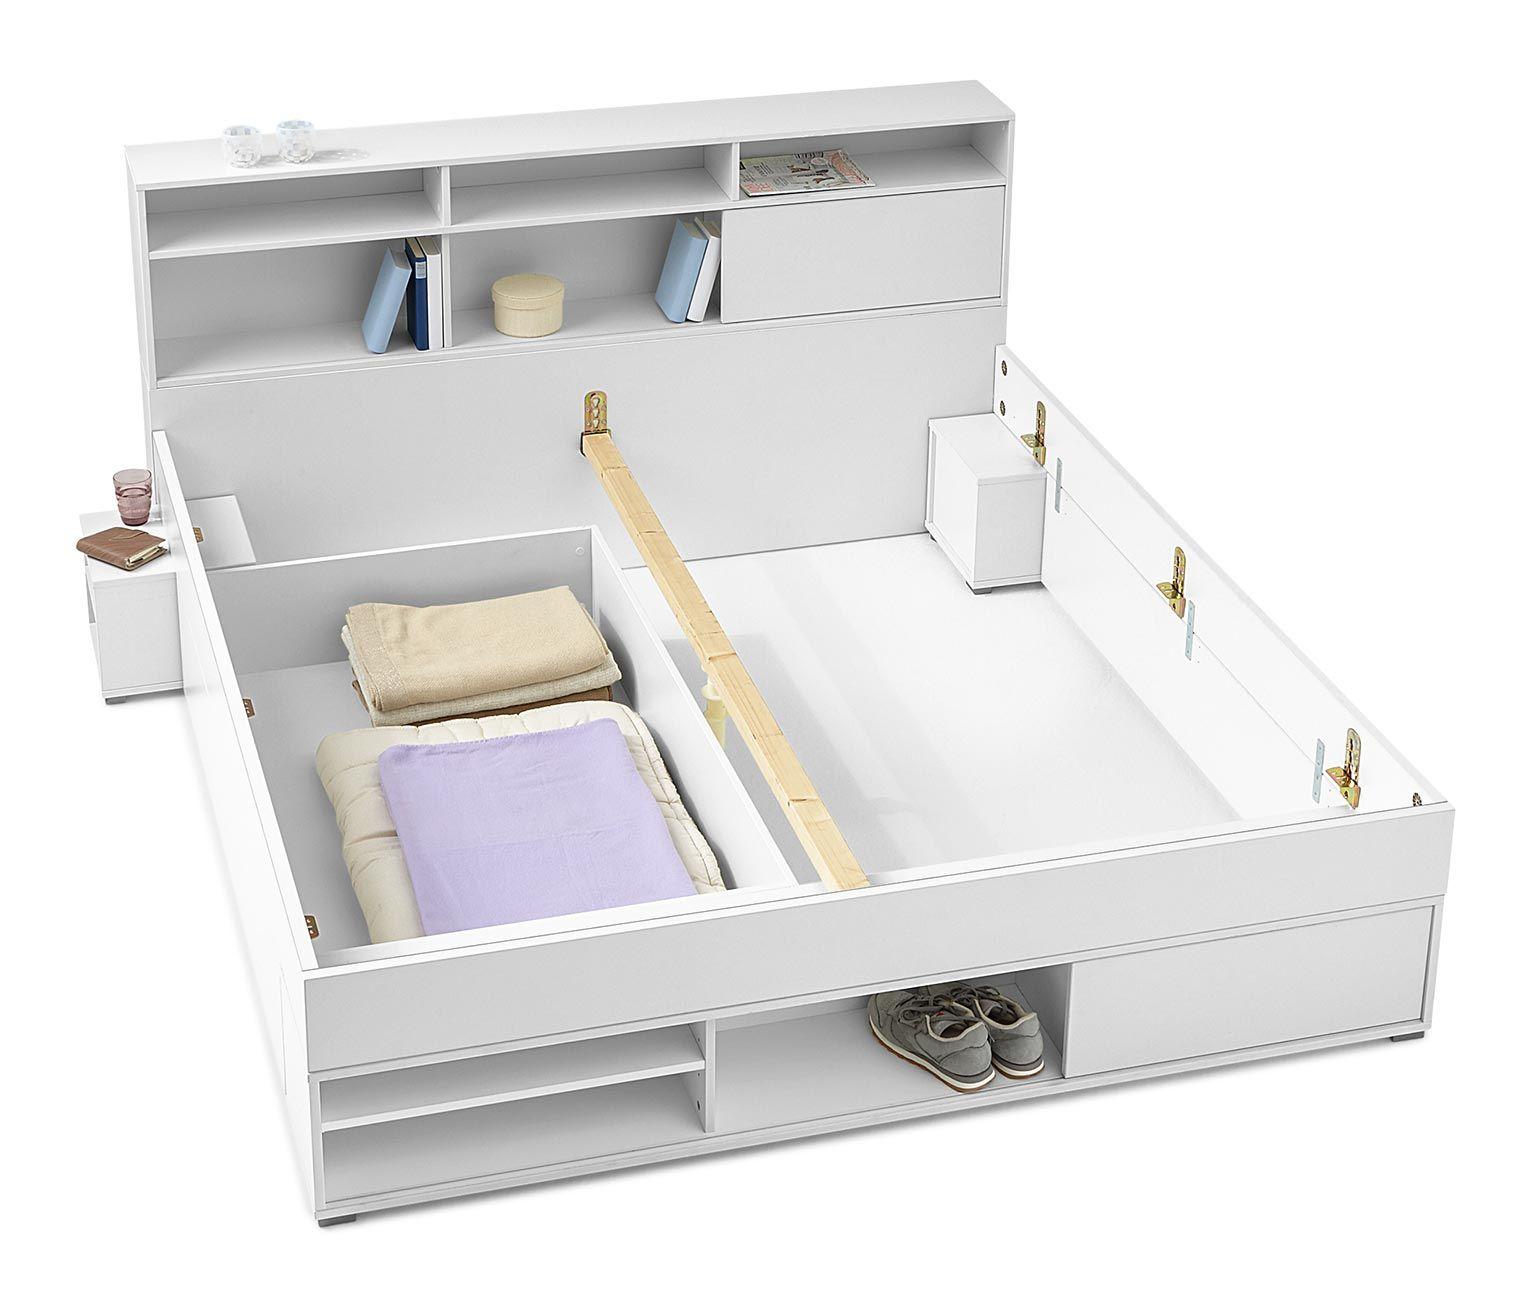 bett online bestellen bei tchibo 316891 bett. Black Bedroom Furniture Sets. Home Design Ideas